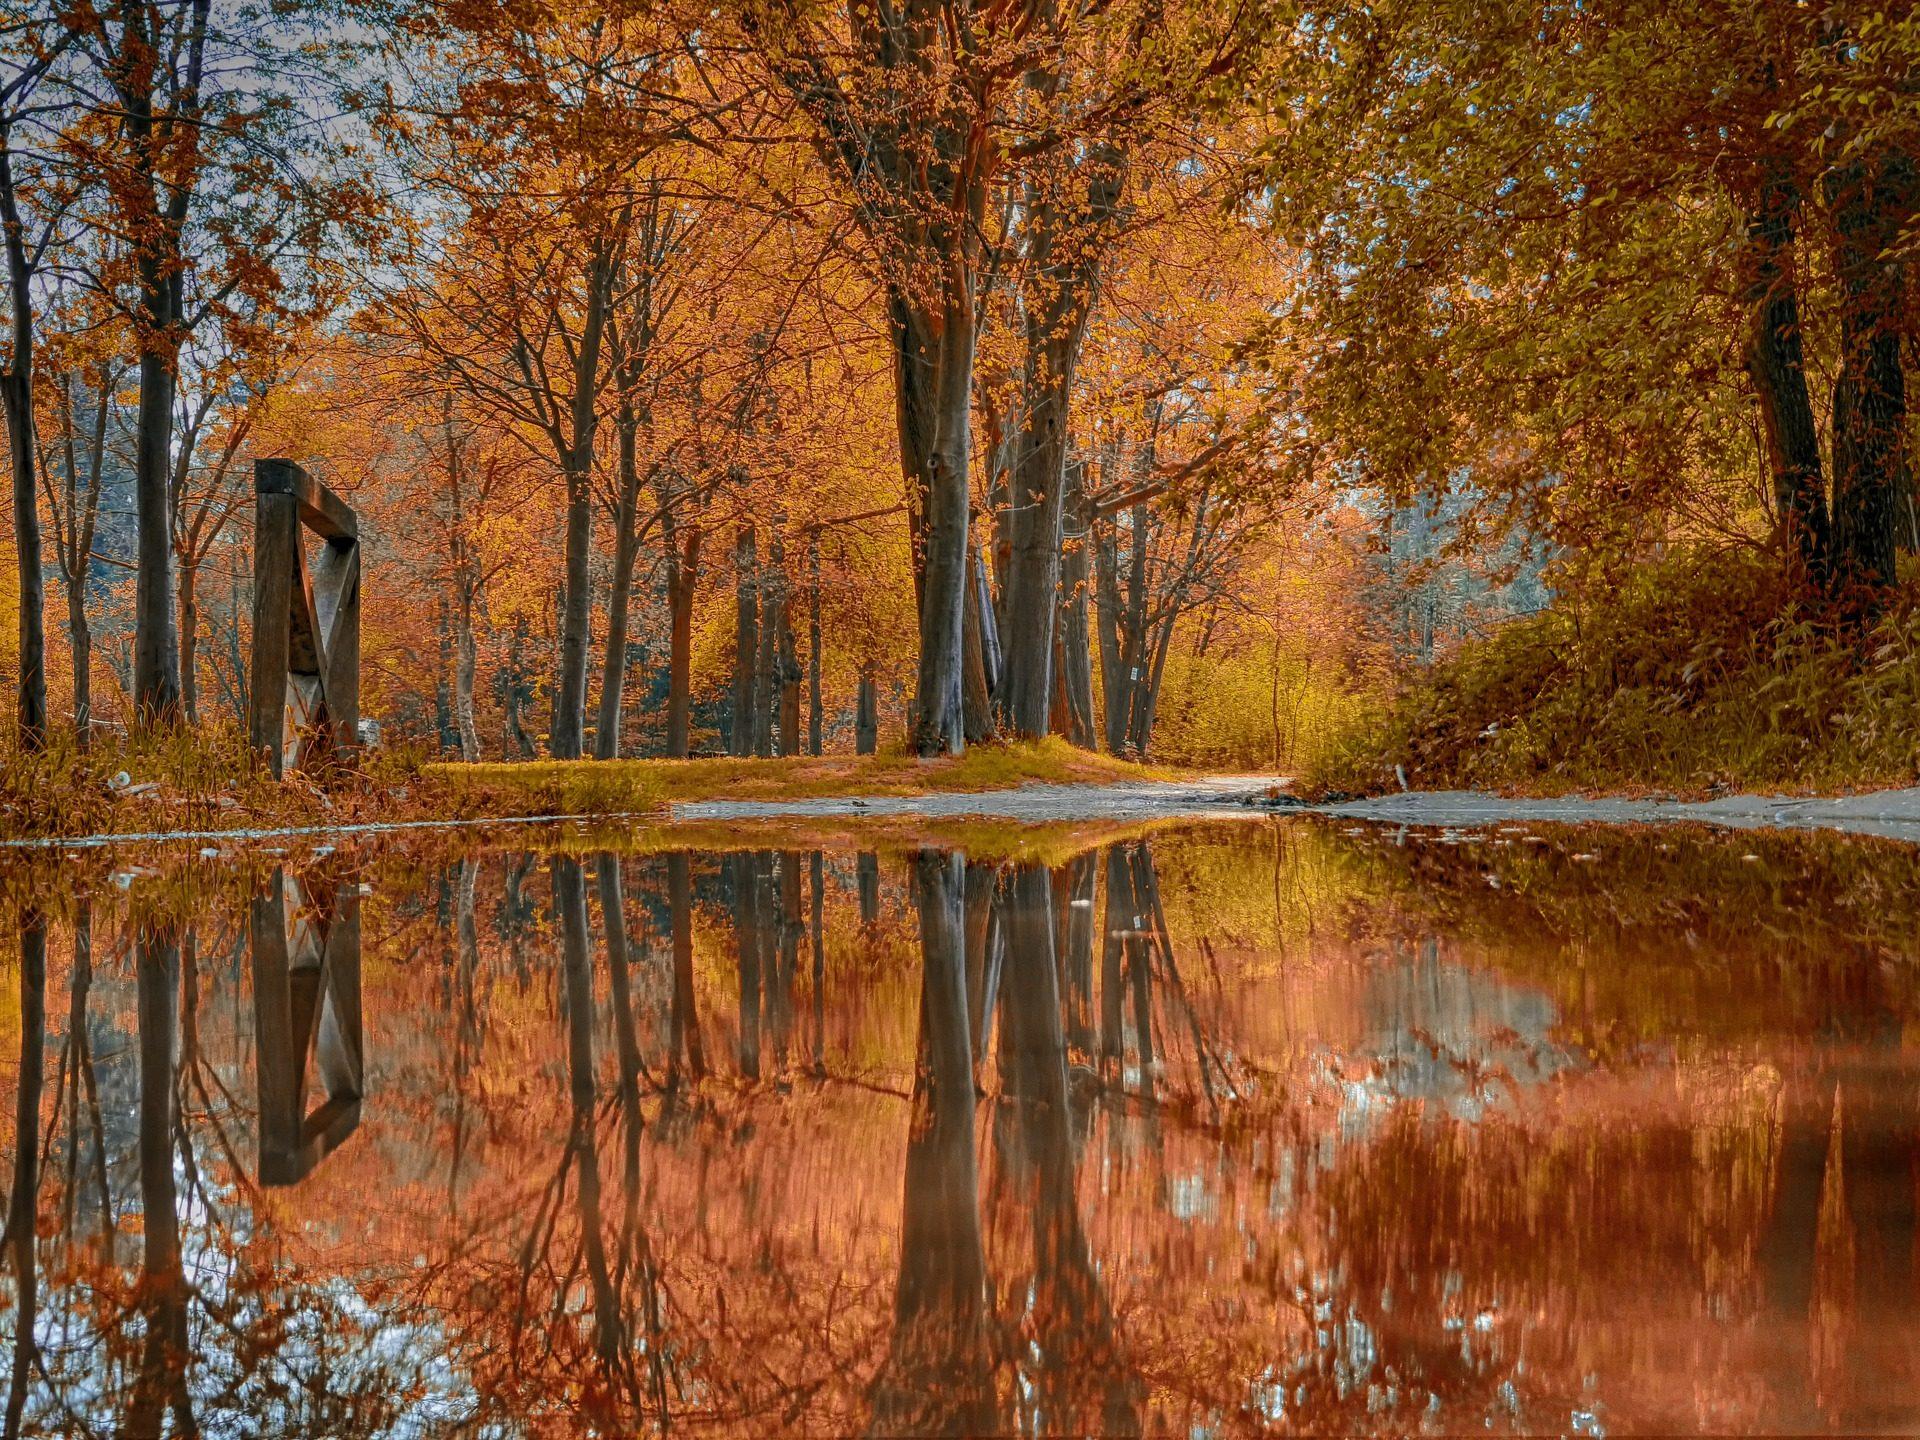 arbres, Forest, Rivière, Lake, réflexion, automne - Fonds d'écran HD - Professor-falken.com